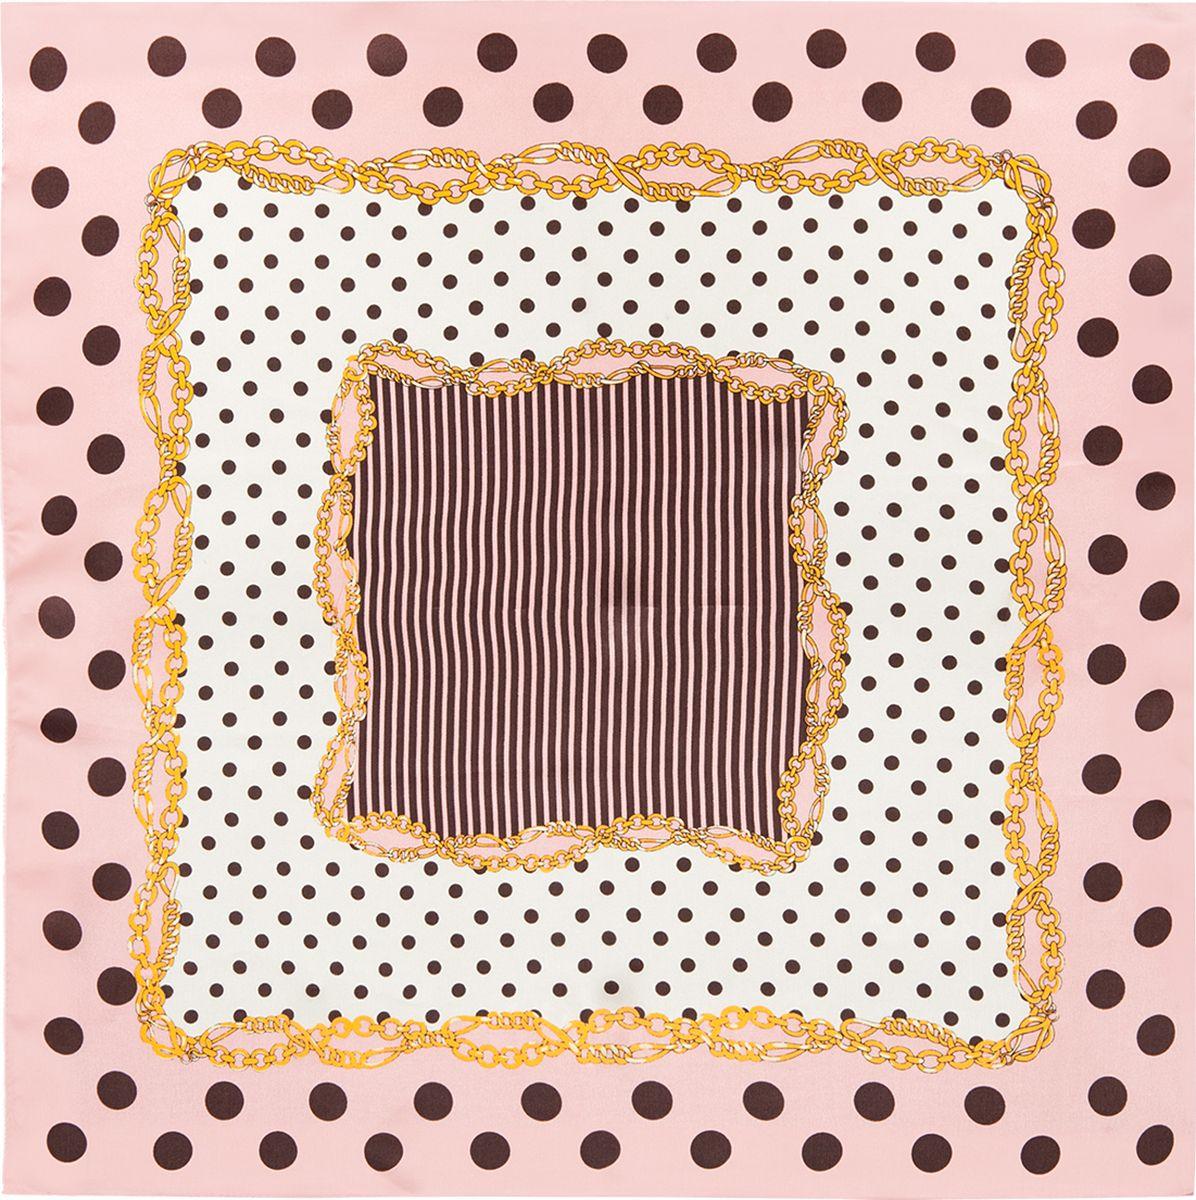 Платок женский Eleganzza, цвет: бежевый. SS03-7878. Размер 53 см х 53 смSS03-7878Платок Eleganzza выполнен из шелка. Модель оформлена контрастным принтом. Классическая квадратная форма позволяет носить платок на шее, украшать им прическу или декорировать сумочку.